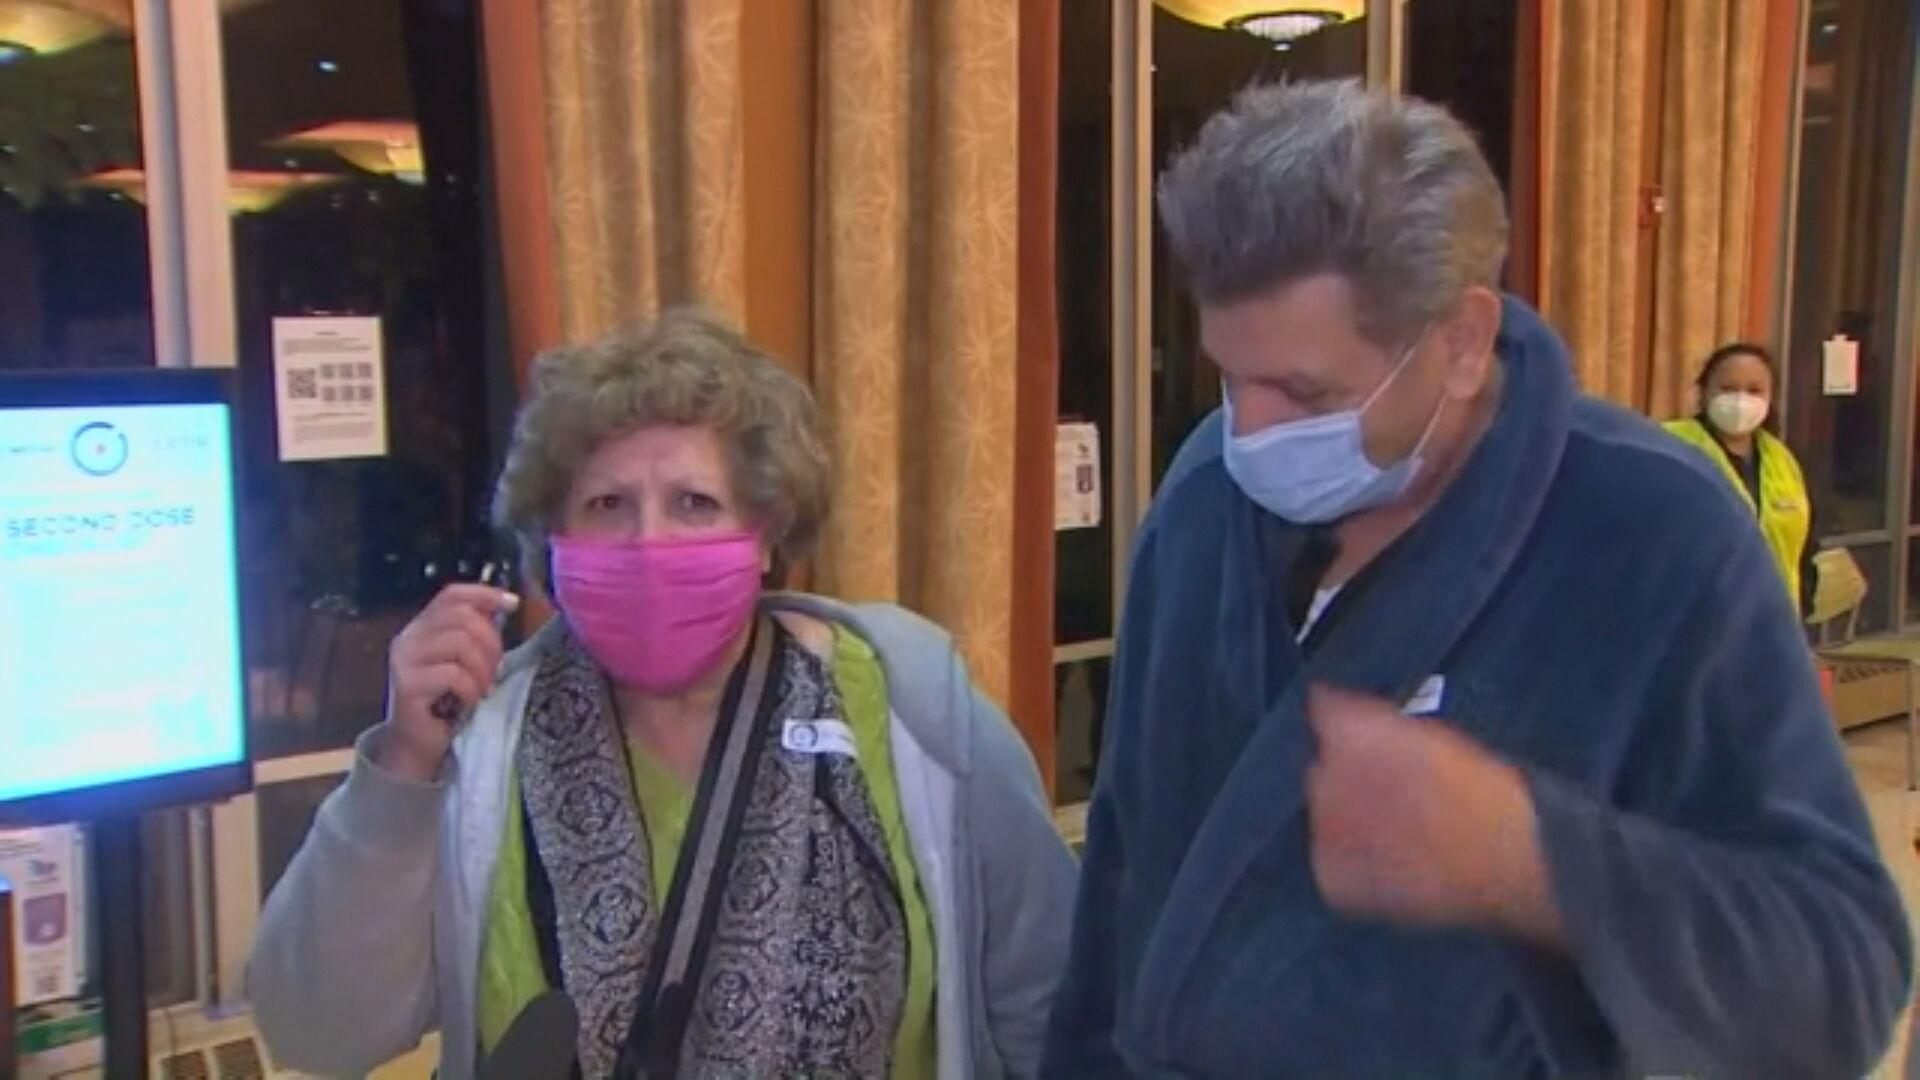 Idosos se vacinam às pressas nos Estados Unidos após quebra de refrigerador